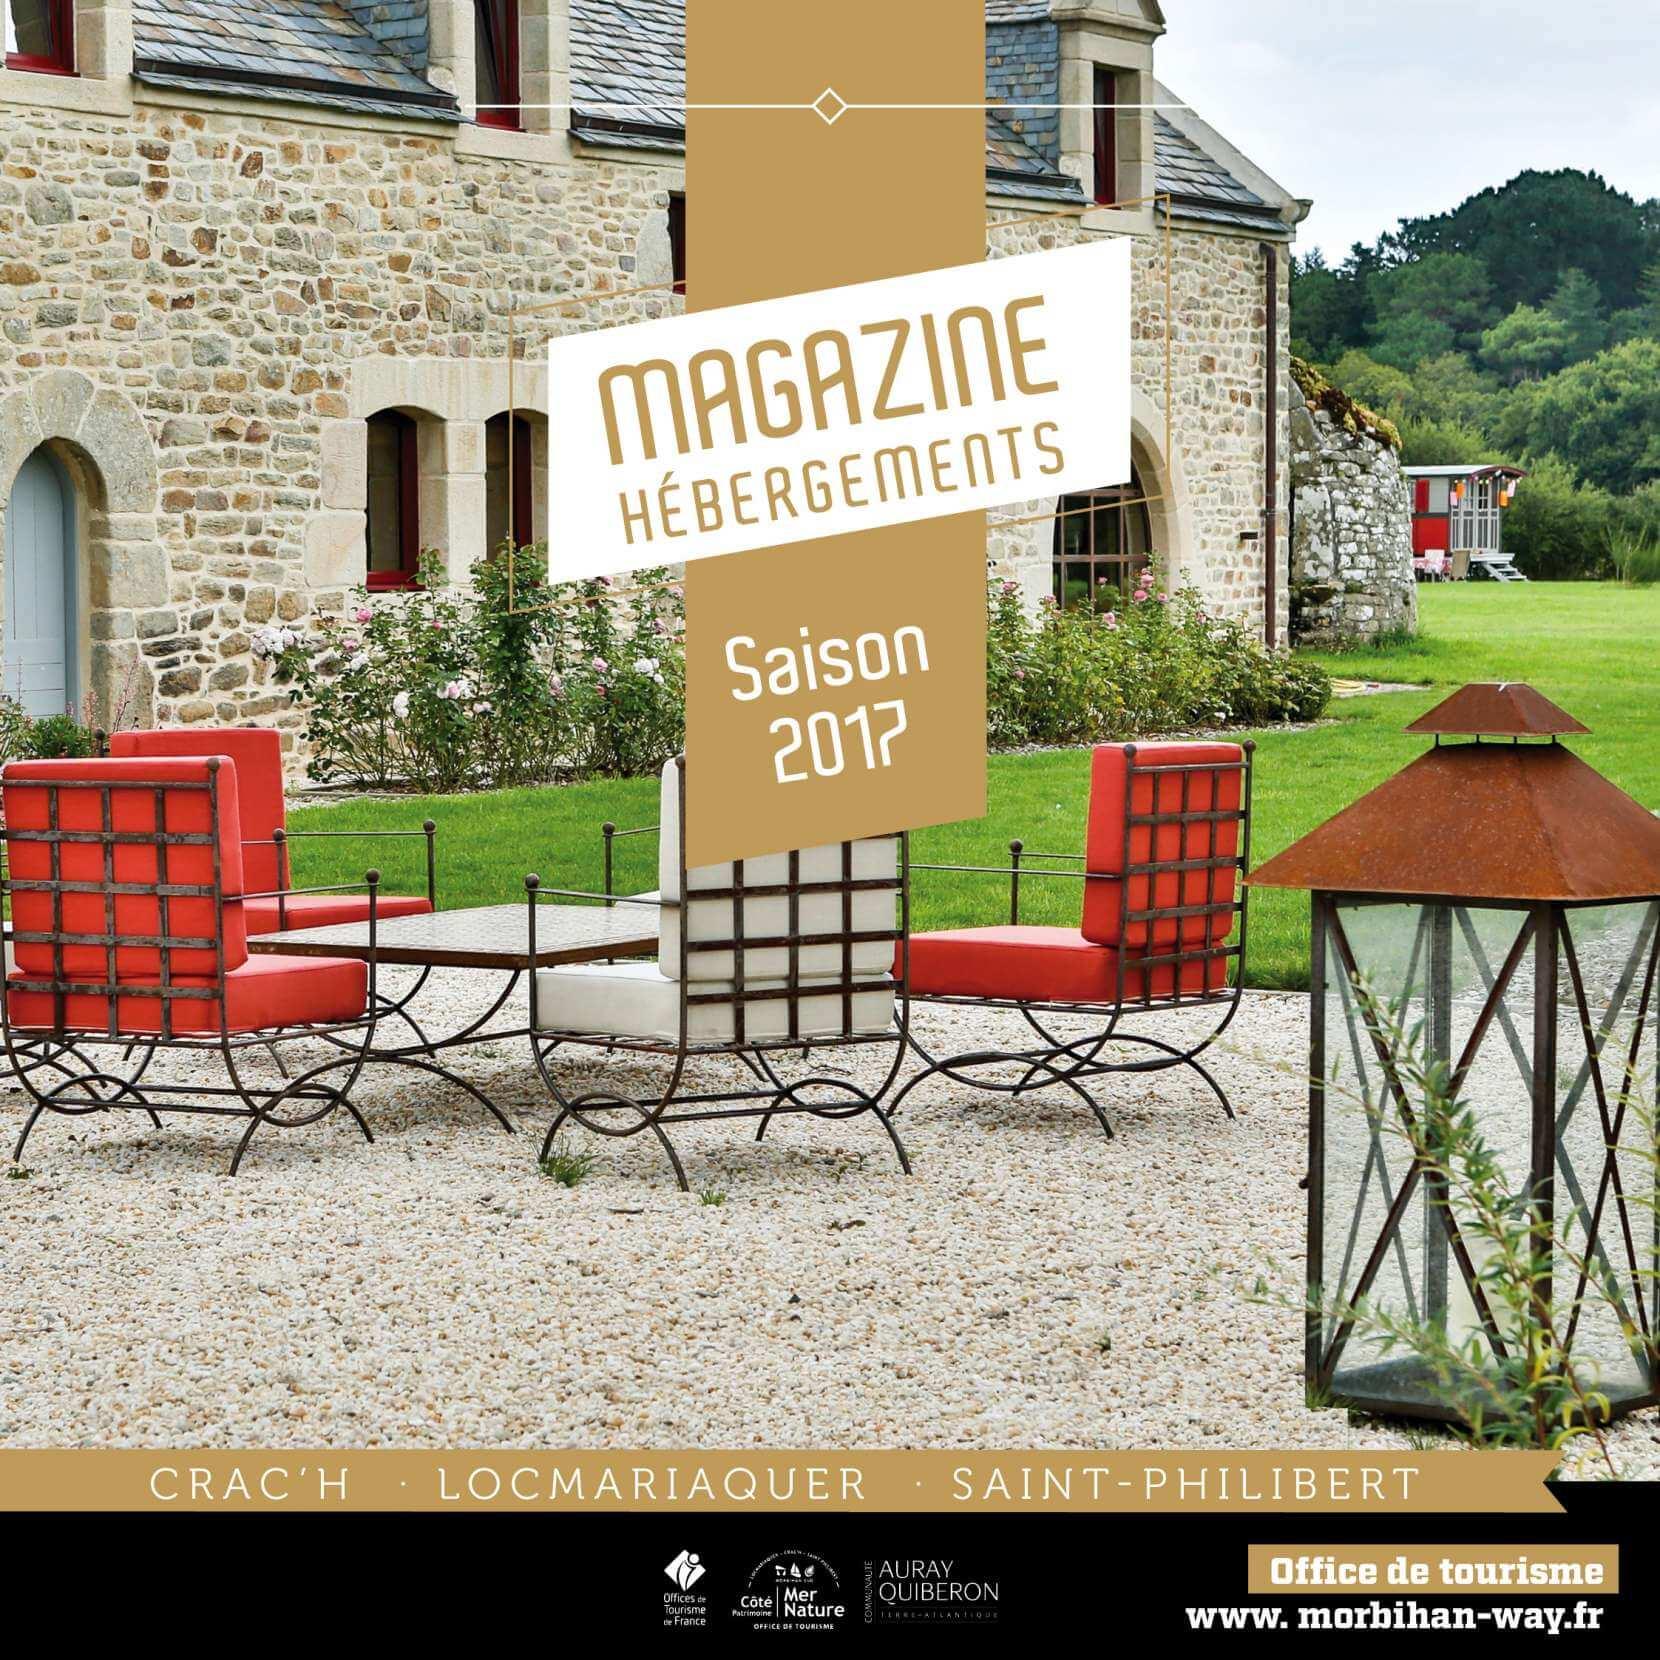 OT-loc-brochure9-1660x1660.jpg